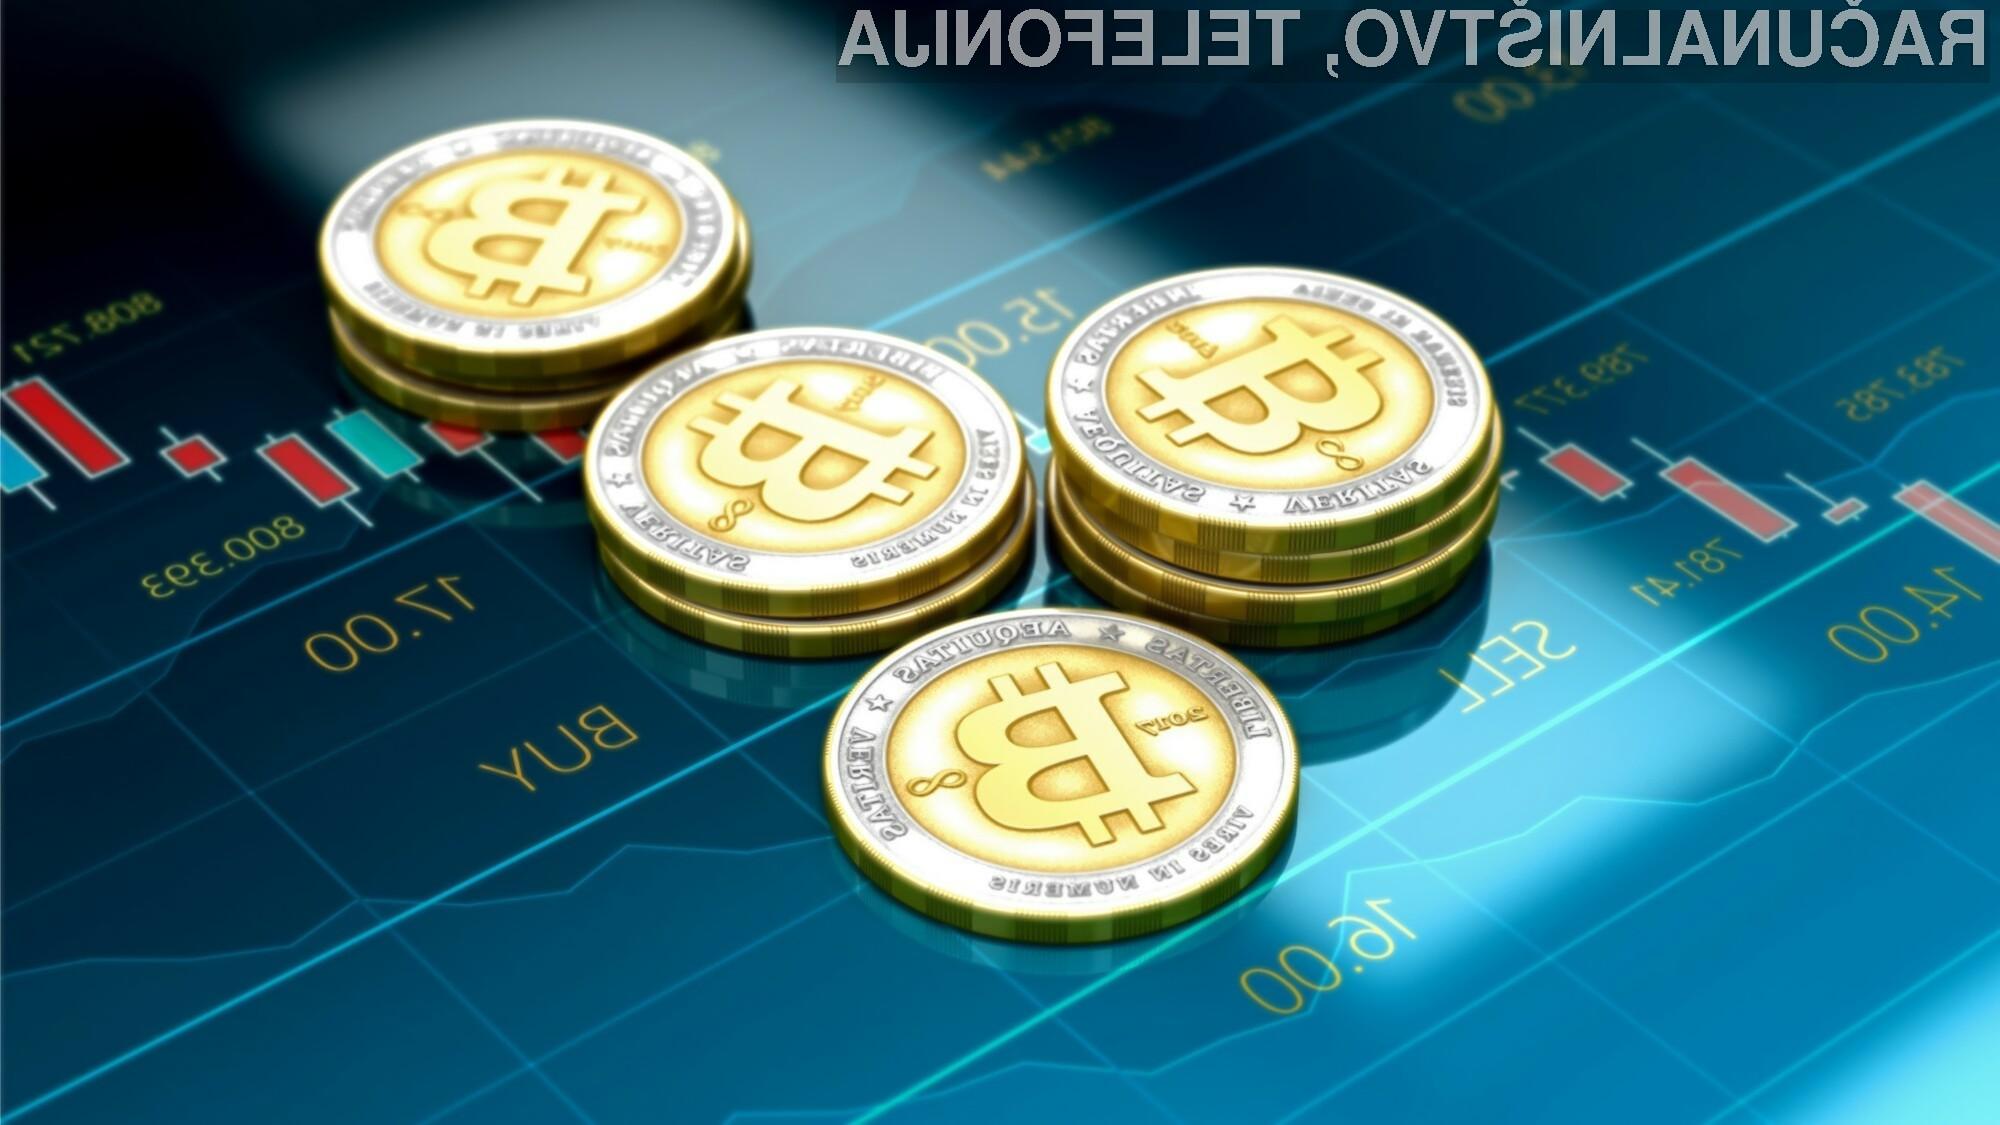 Zanimanje za kriptovalute je v ZDA prisotno celo v državnih inštitucijah.